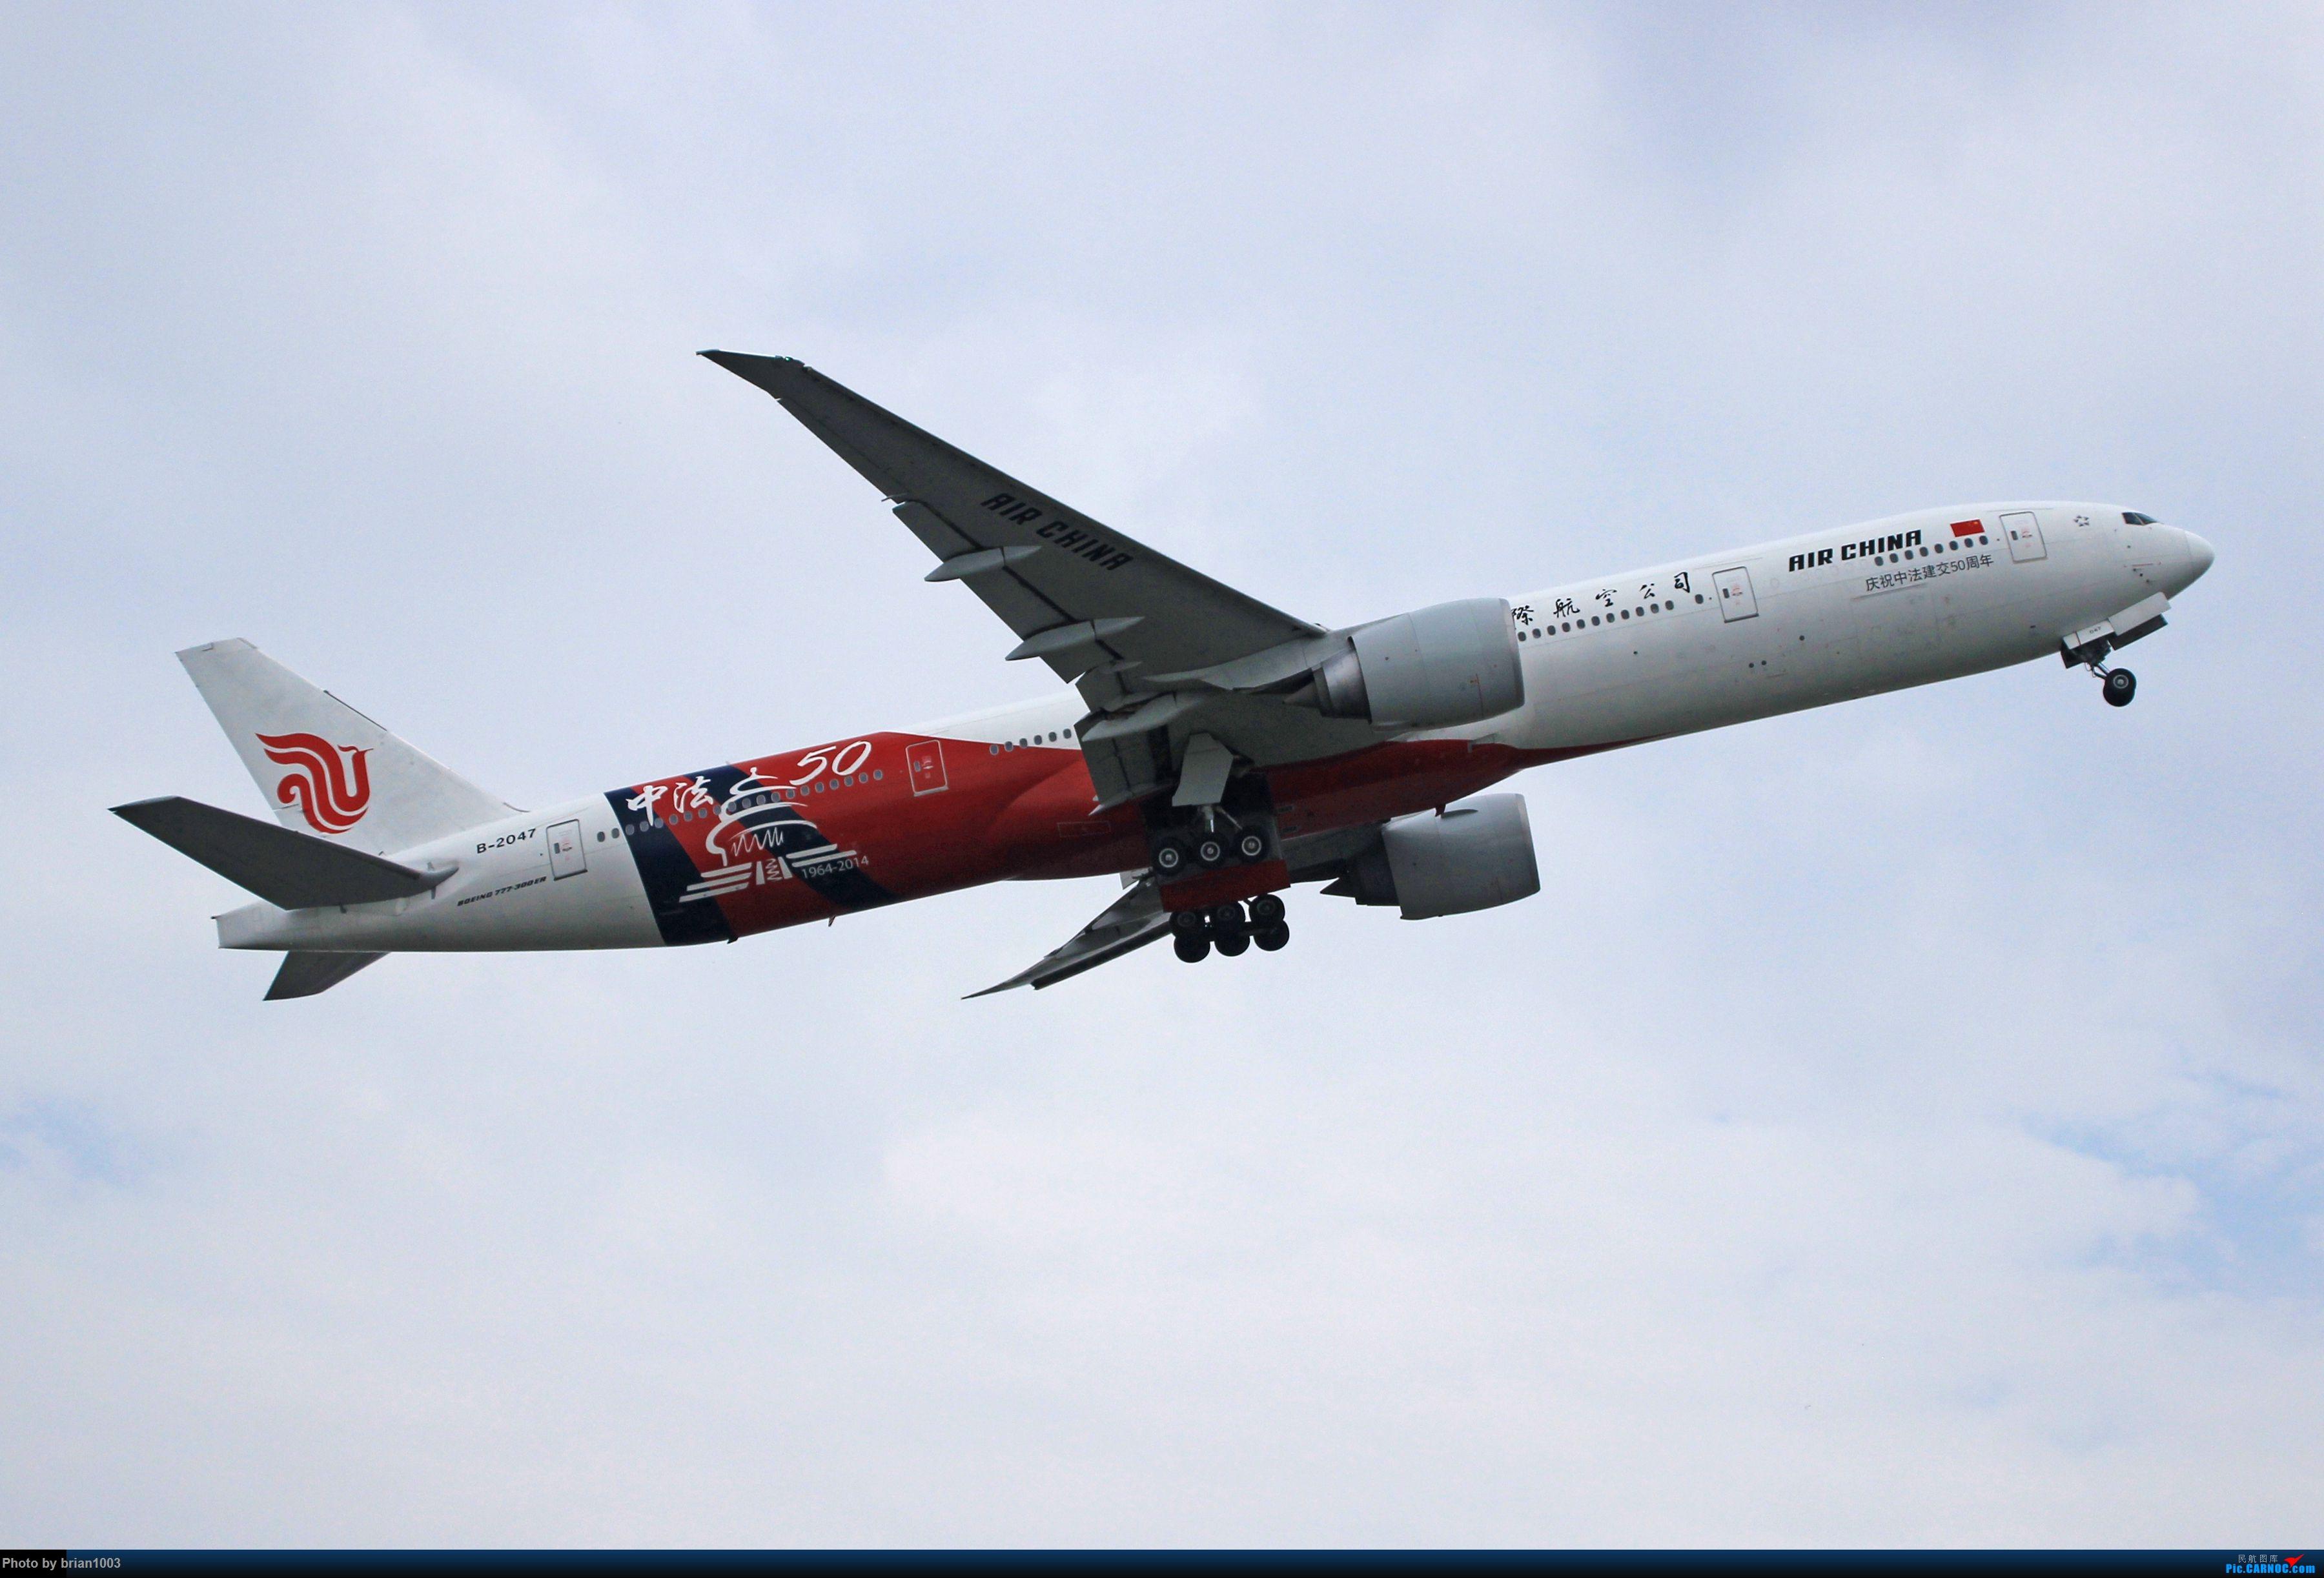 Re:[原创]WUH天河机场拍机之六月还有啥(X7家744F、天津大韩港龙333、巴基斯坦772、B6419、ER-BBJ 74F、某菊塞斯纳、俄航国航77W) BOEING 777-300ER B-2047 中国武汉天河国际机场